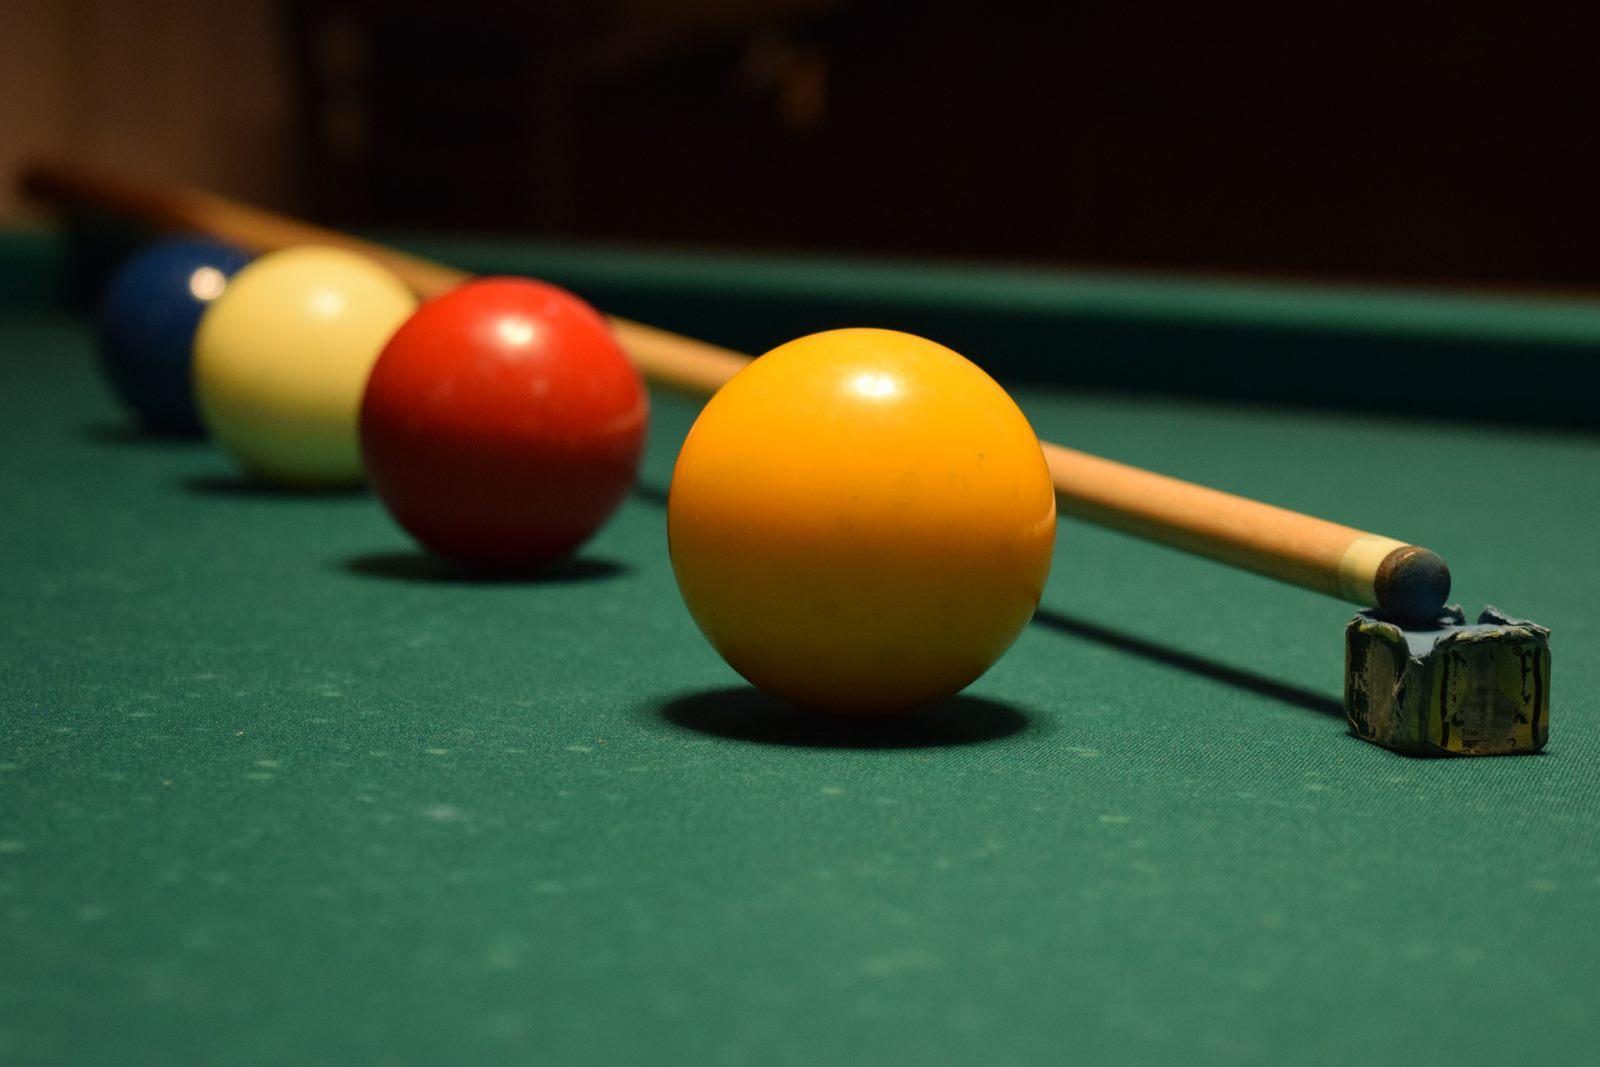 Gängige Ausdrücke beim Snooker